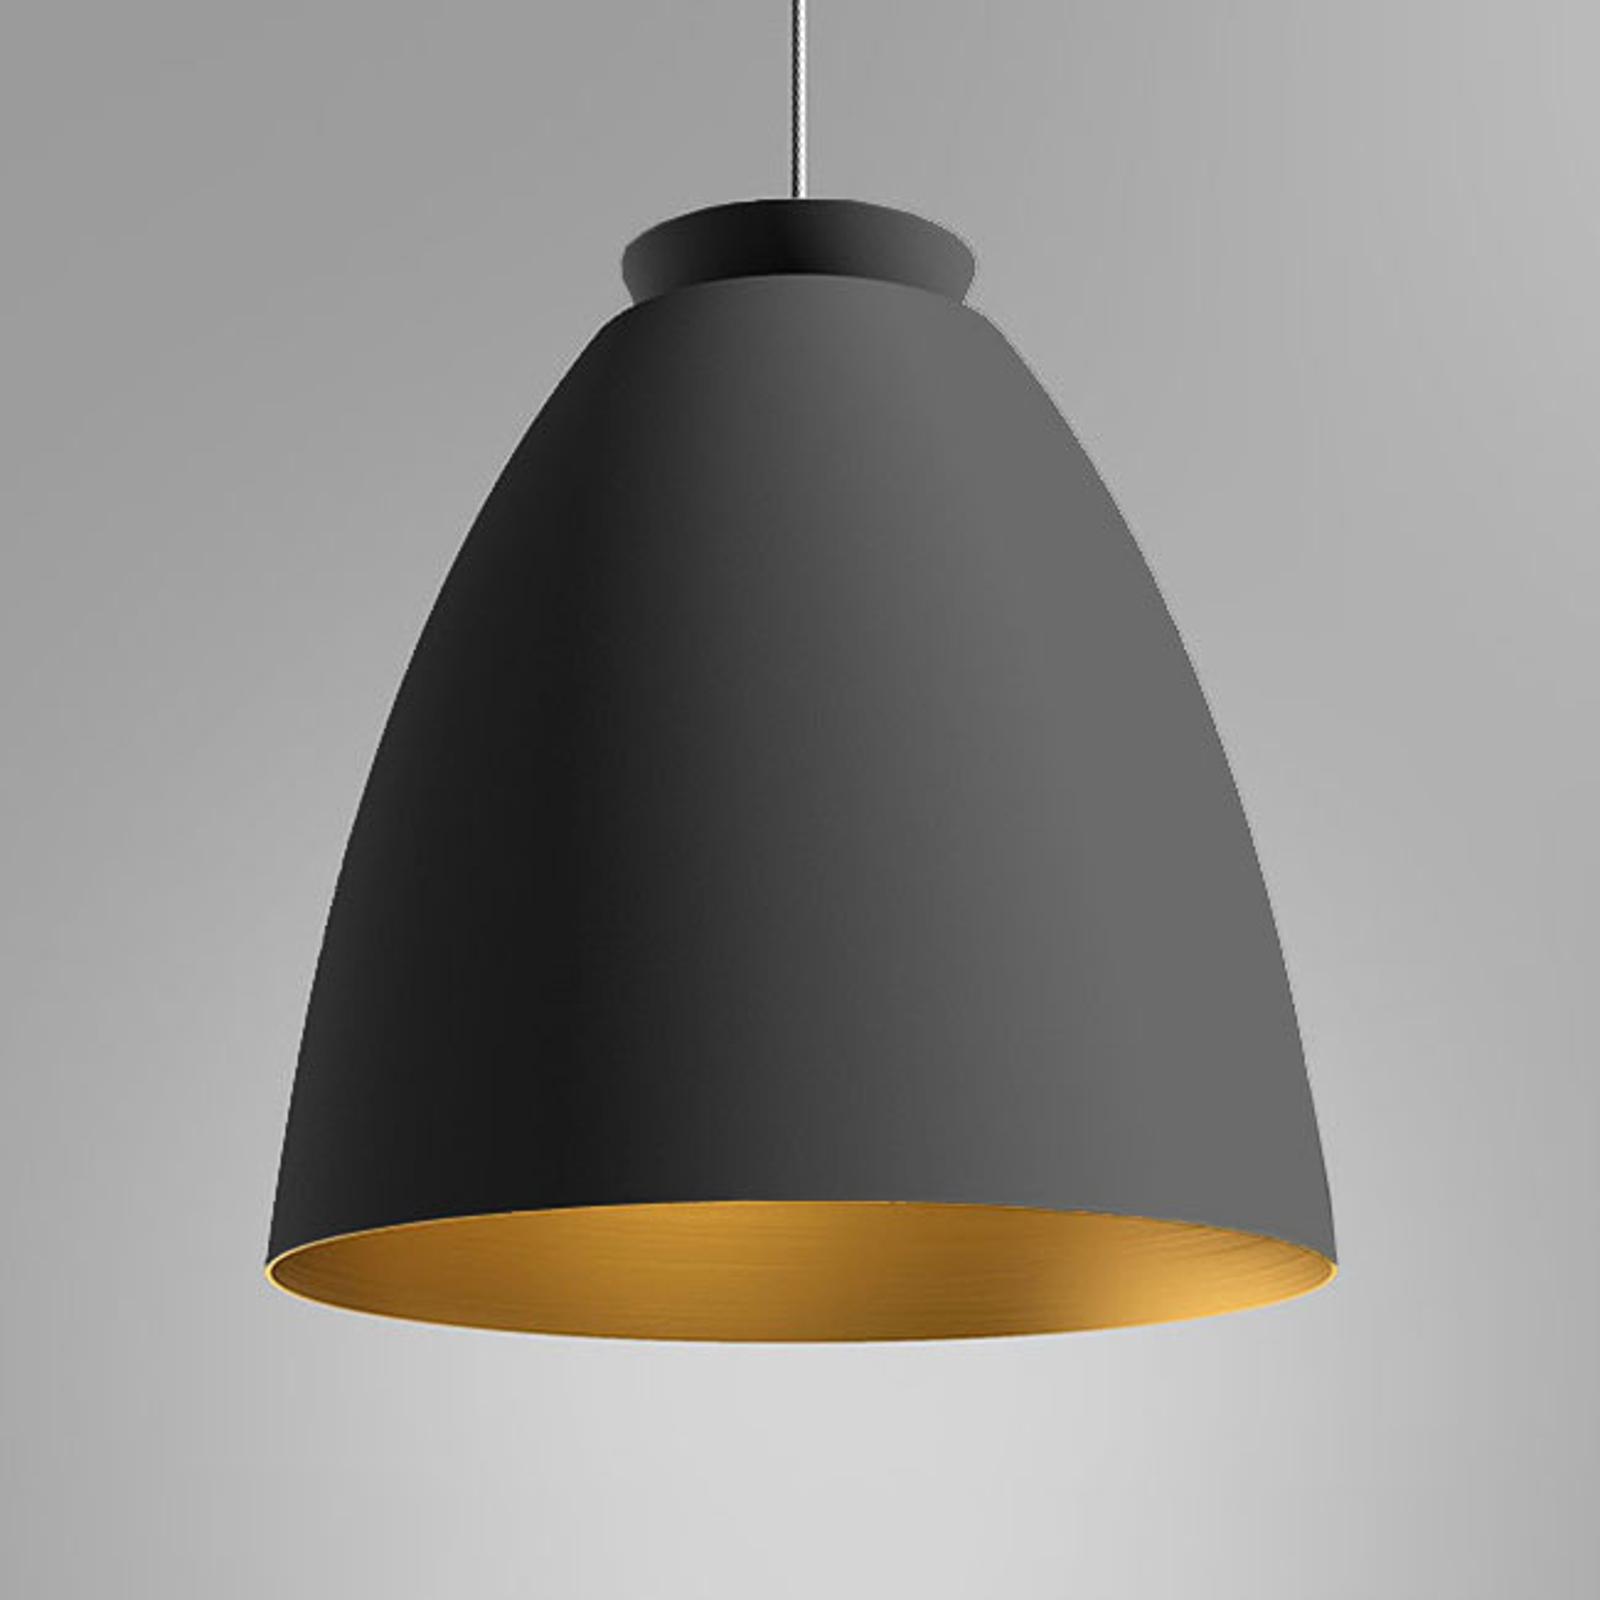 Innermost Chelsea - hanglamp Ø 42cm zwart